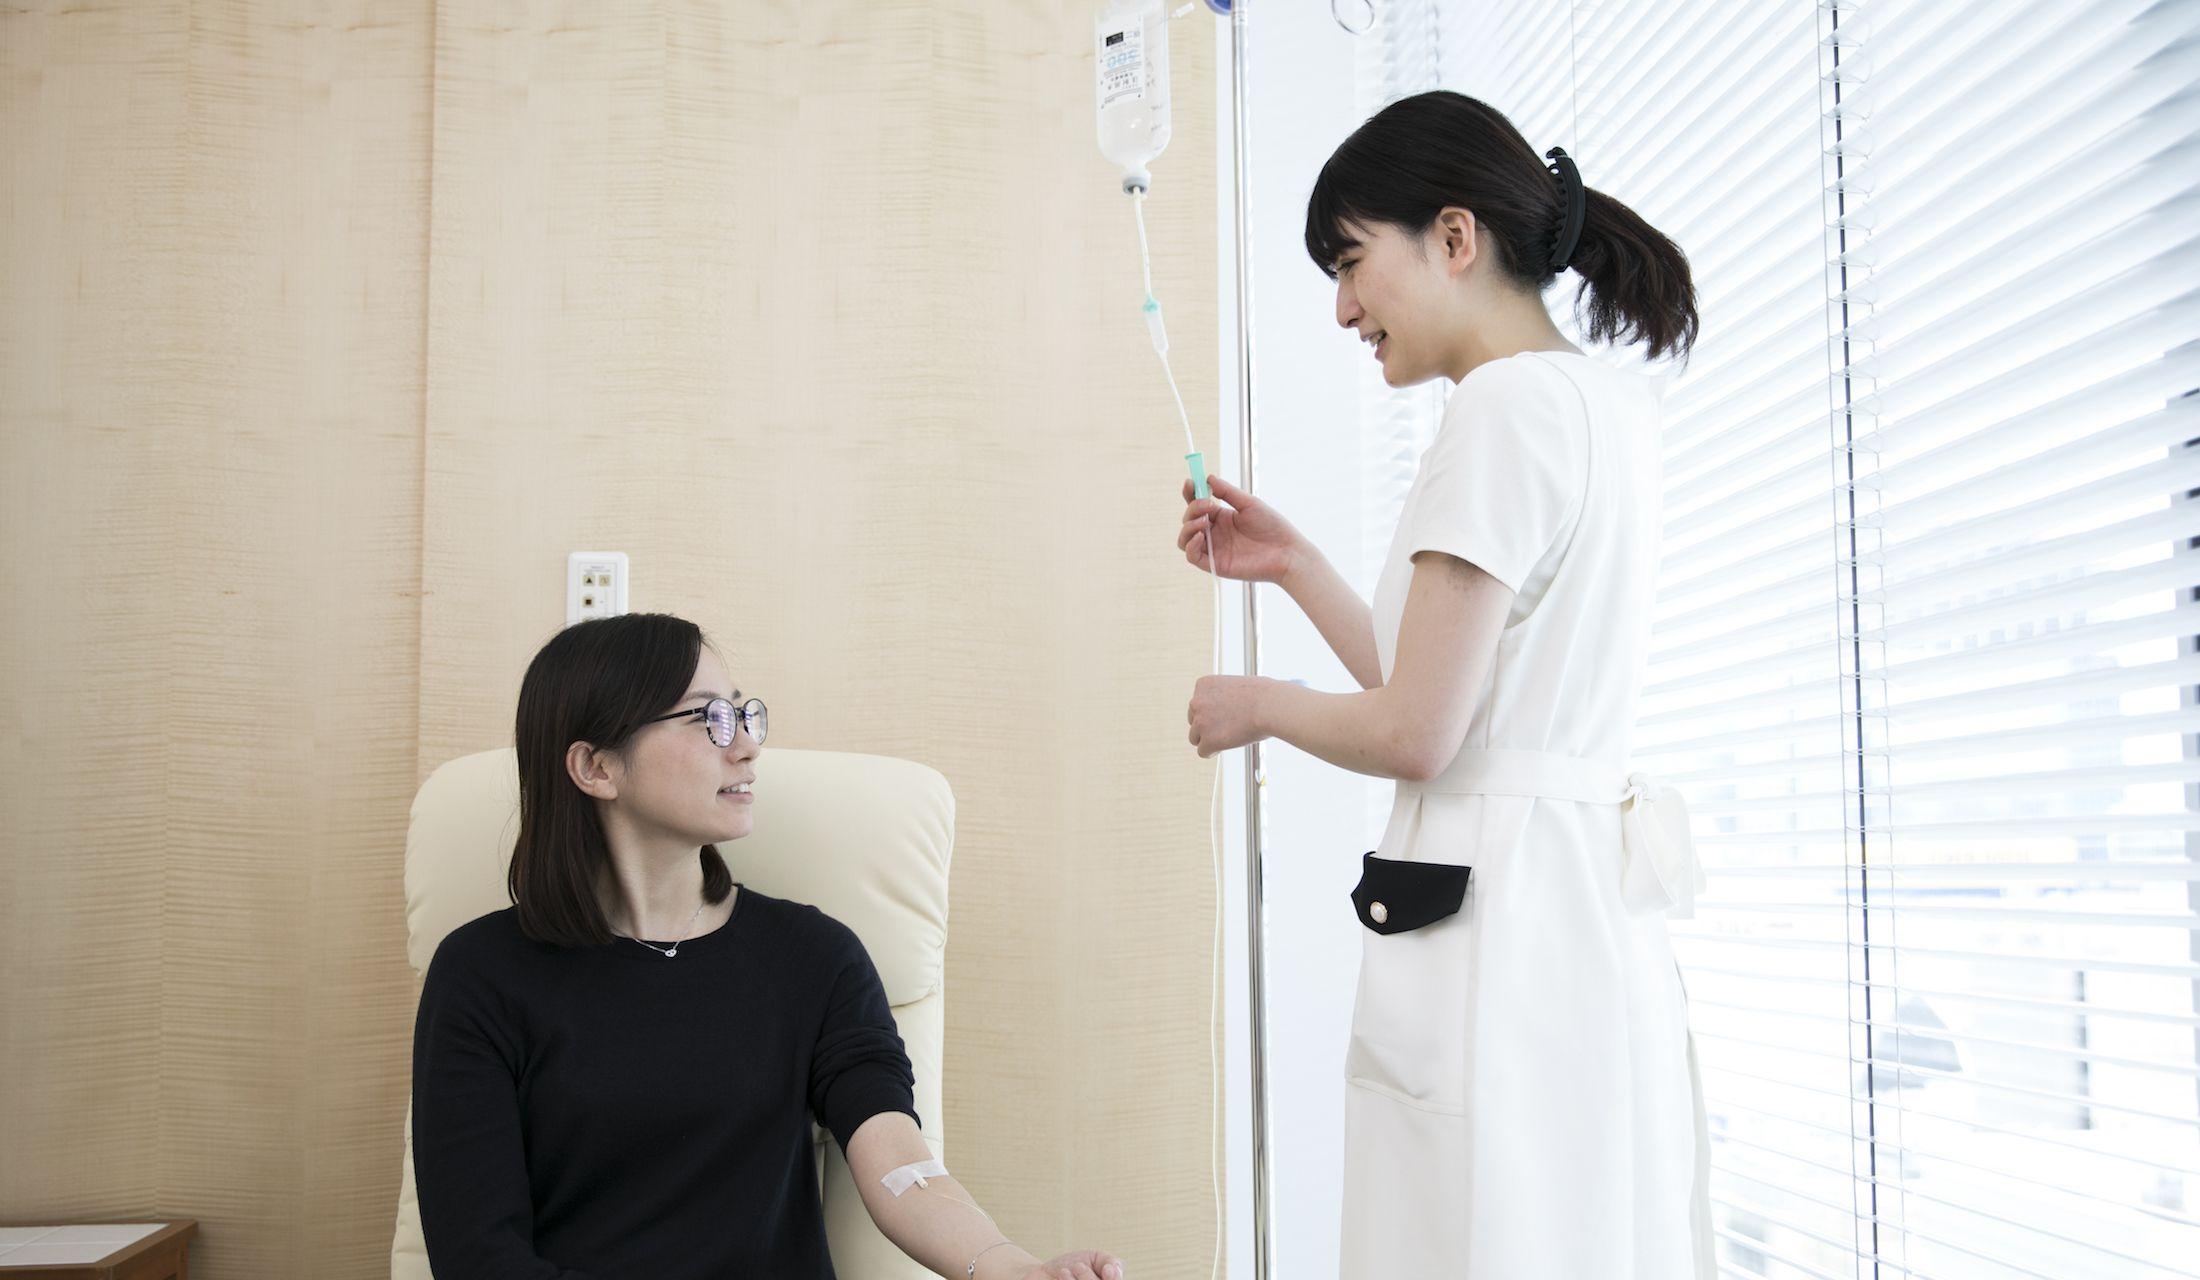 点滴を受ける患者と点滴を打つ看護師